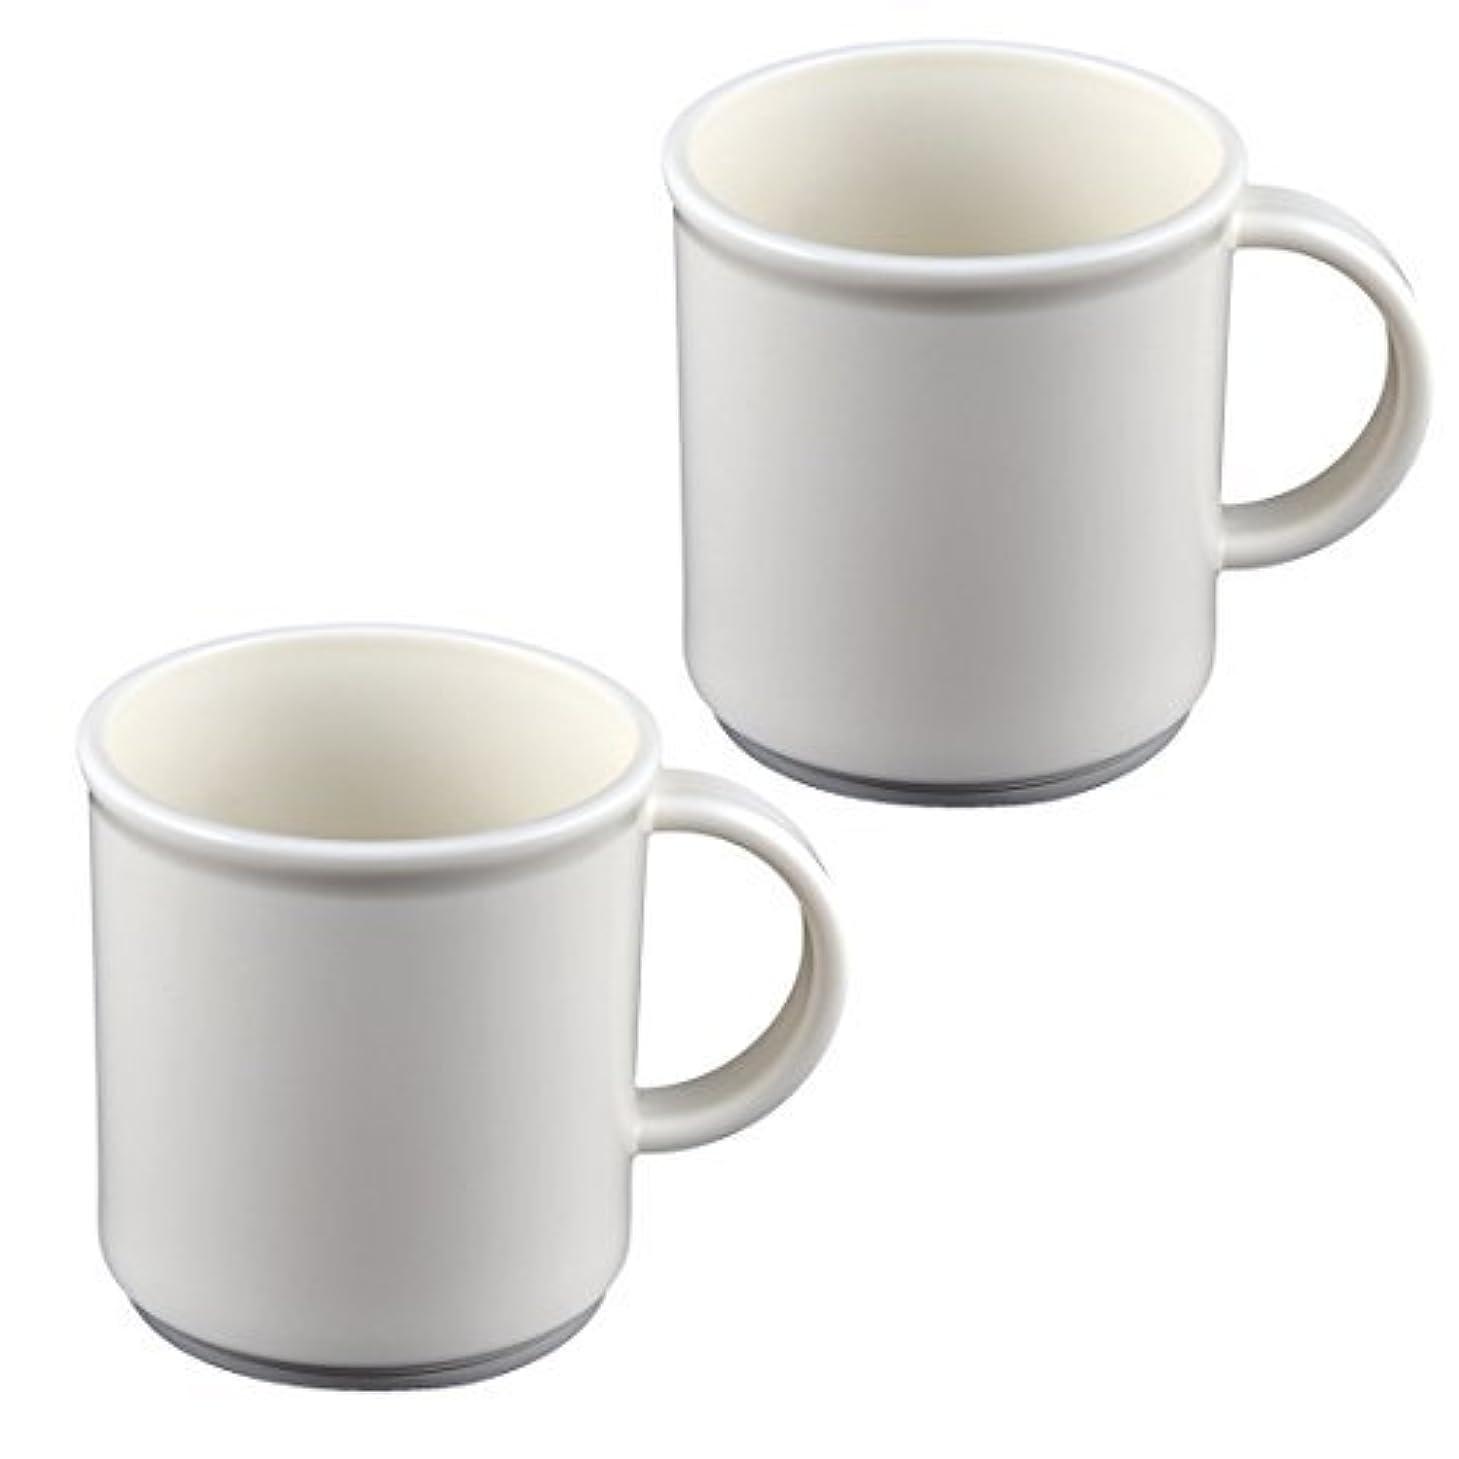 スリップシューズ式虎DealMuxバスアクセサリーブラシカップ歯ブラシ歯磨き粉ホルダー2個ホワイト